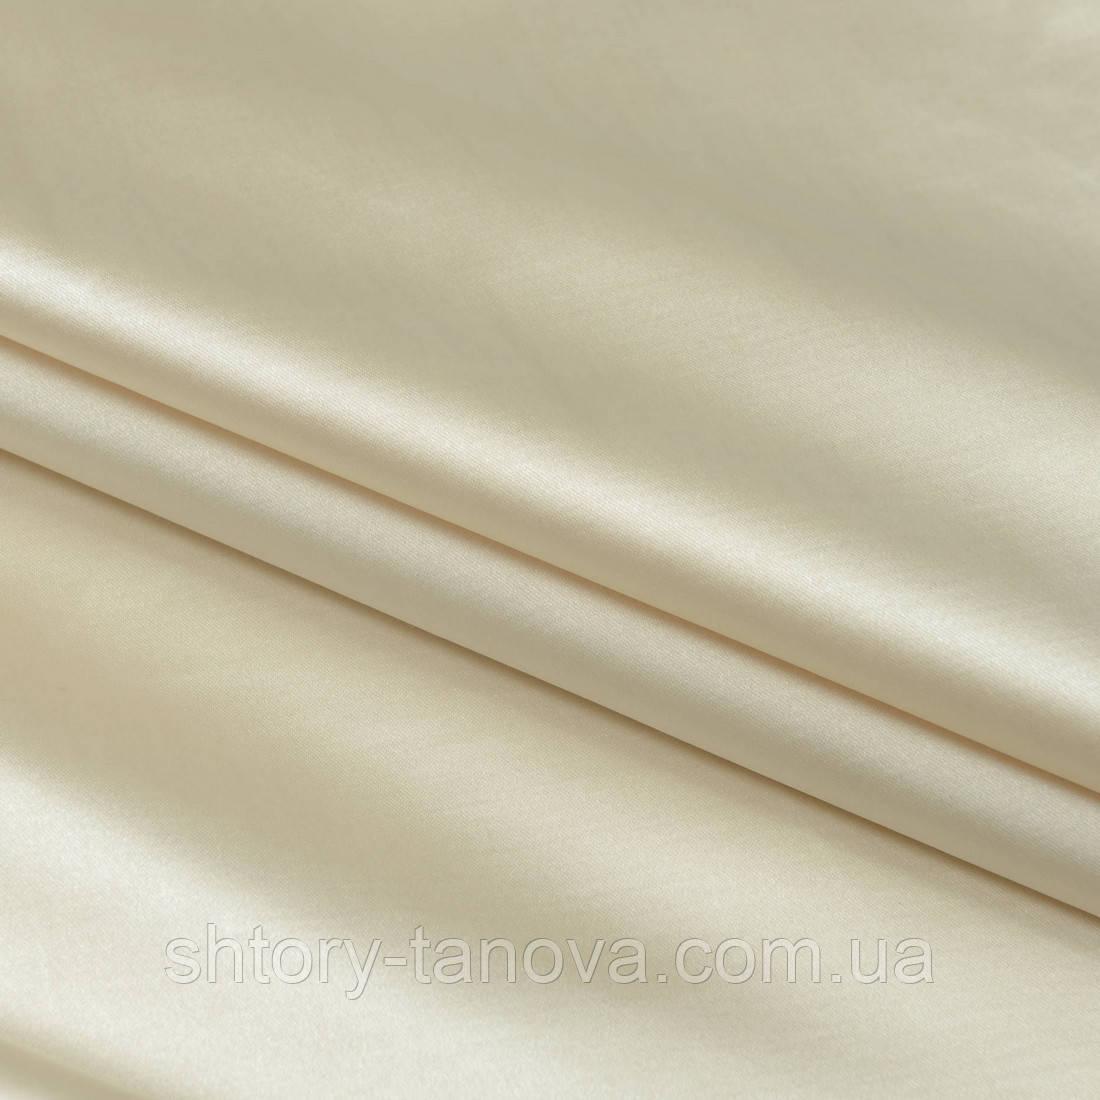 Декоративный сатин бравия крем